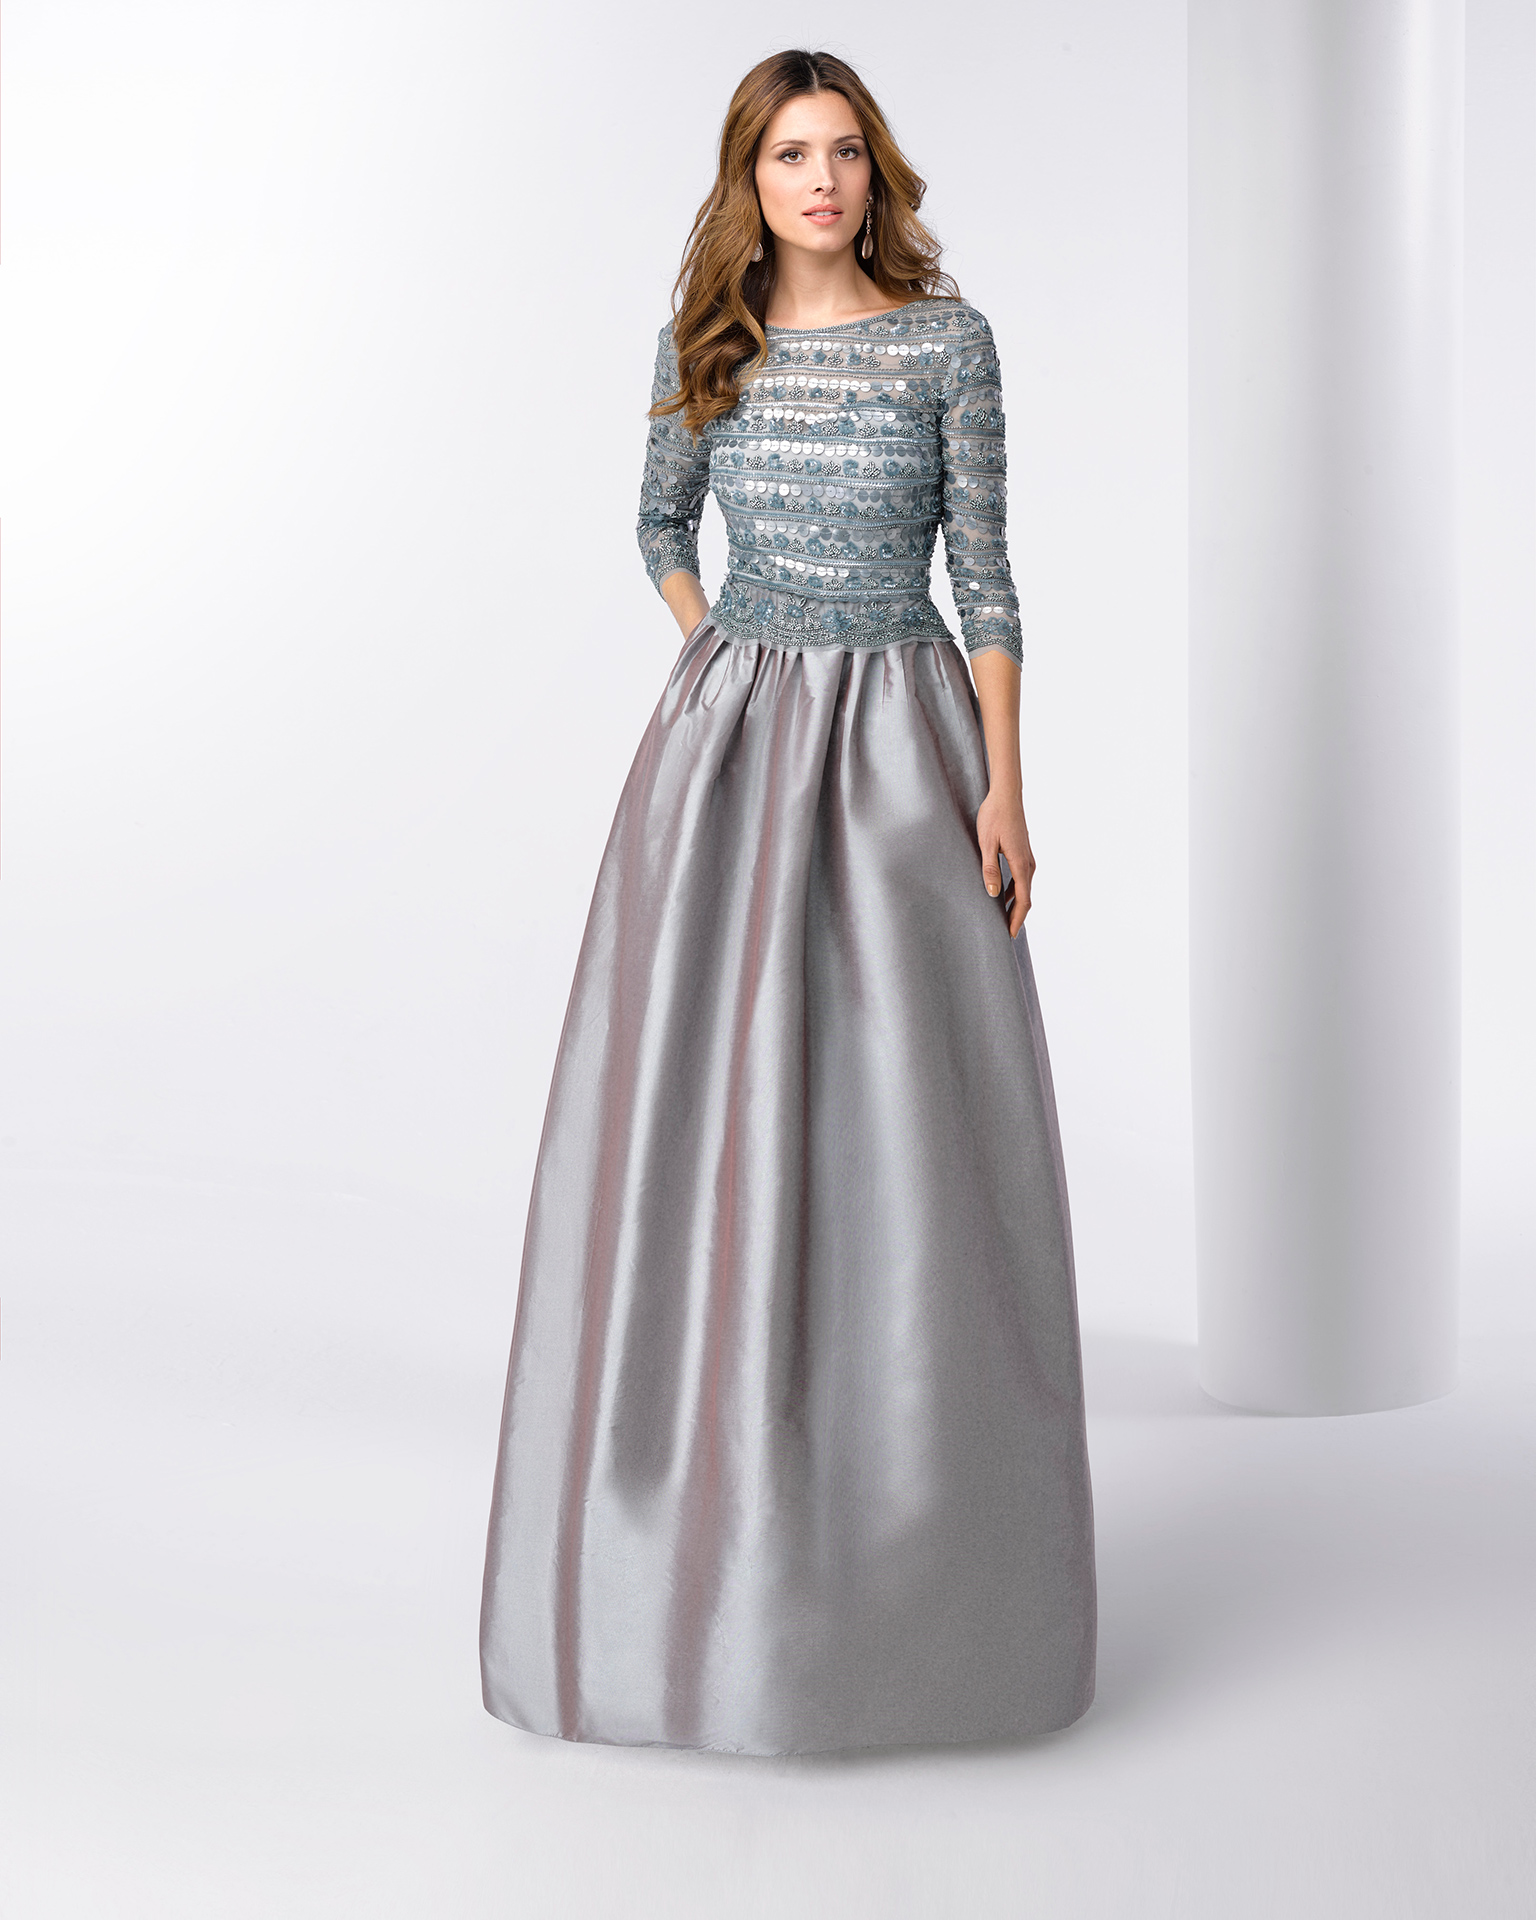 Vestido de fiesta largo de tafetán con cuerpo en pedrería manga 3/4. Disponible en verde, plata y marino. Colección FIESTA AIRE BARCELONA 2018.